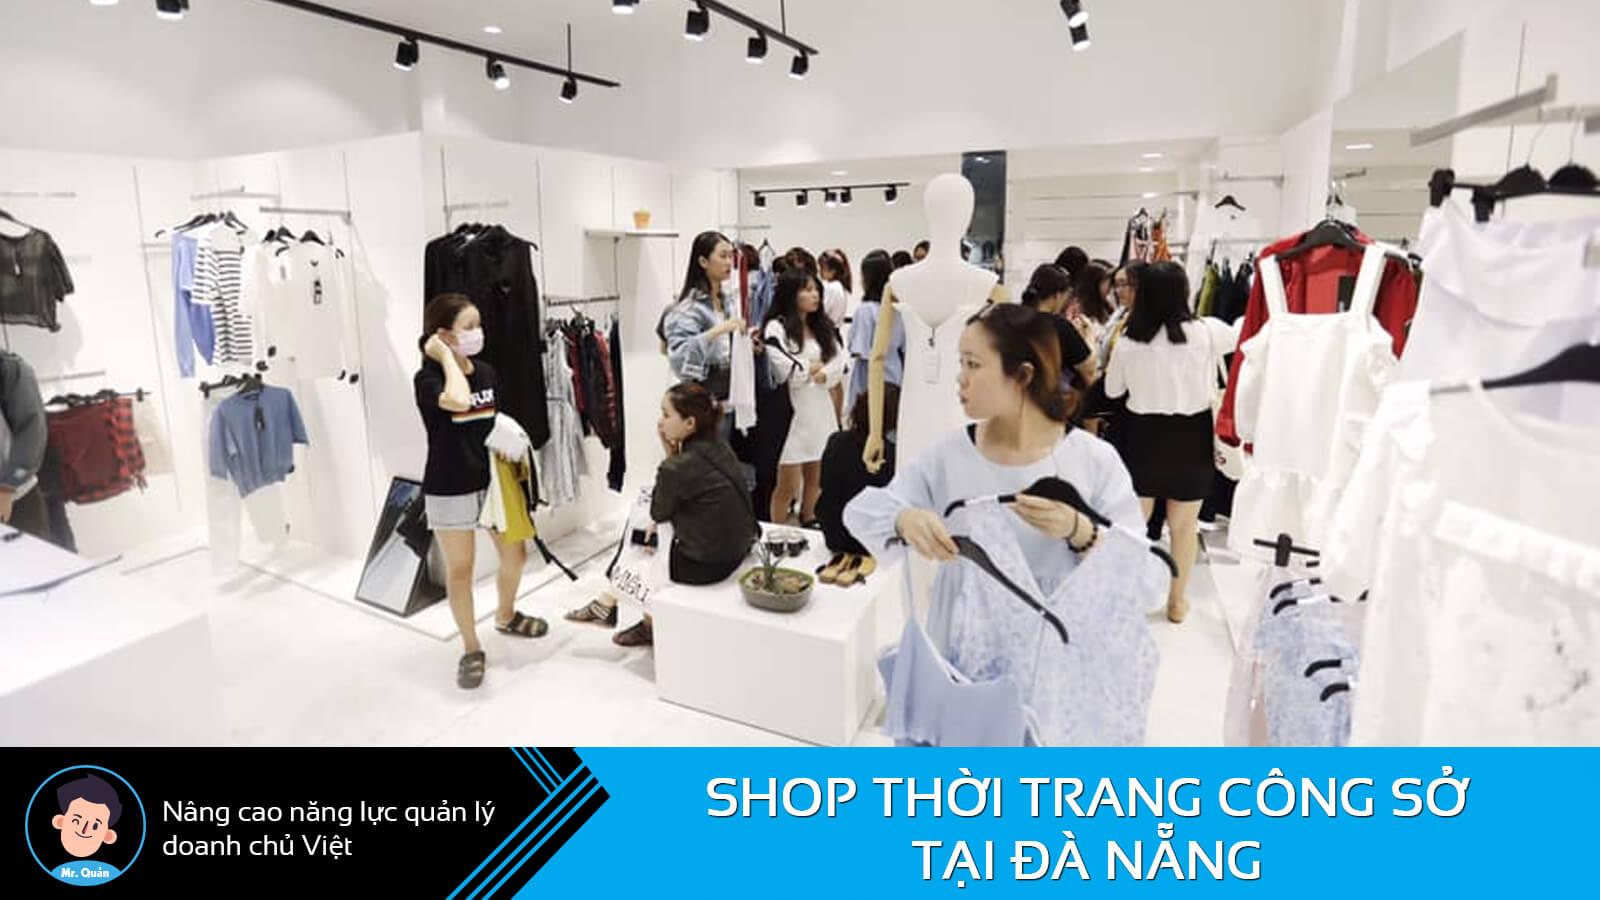 Cửa hàng thời trang công sở Đà Nẵng Dottie